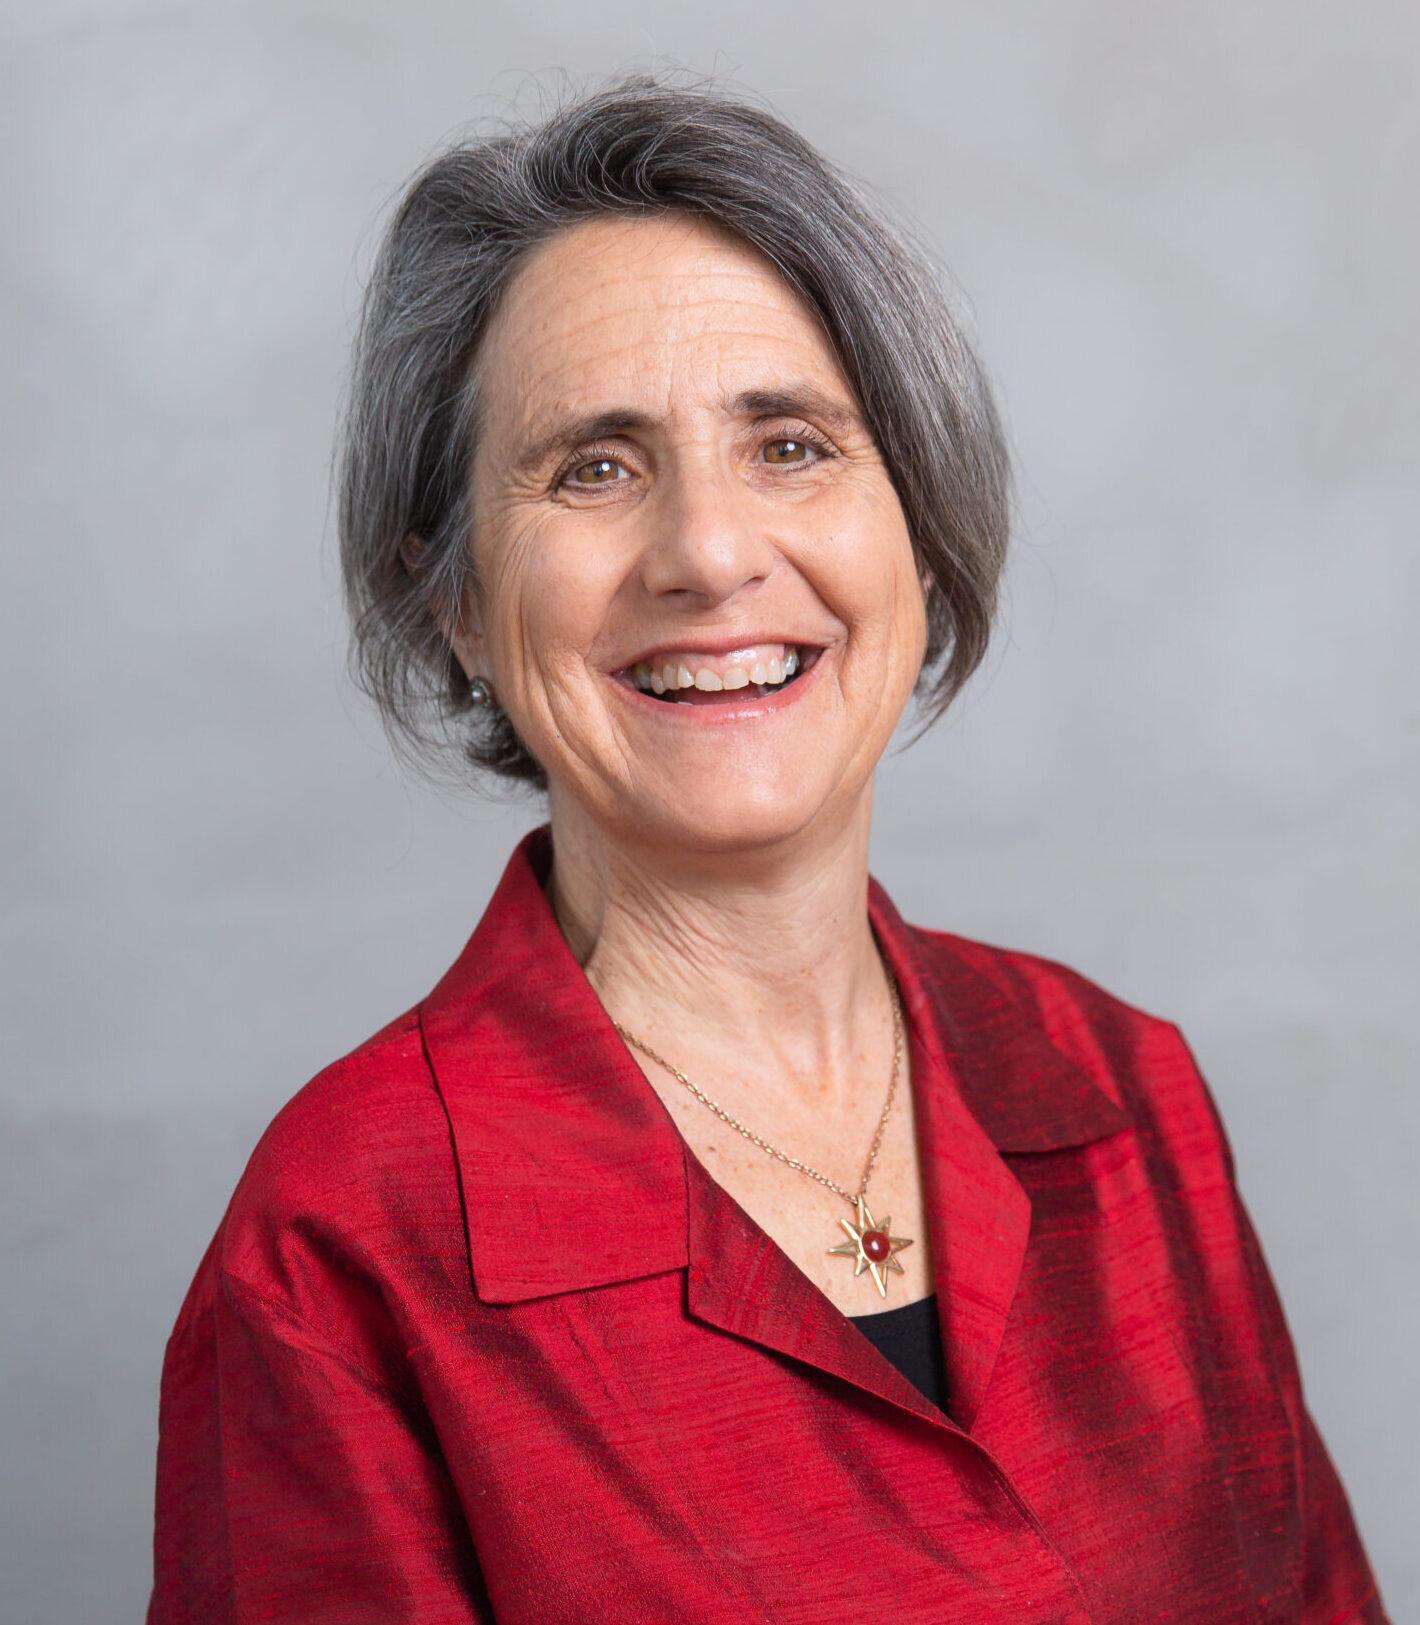 Headshot of Marjorie Schwarzer